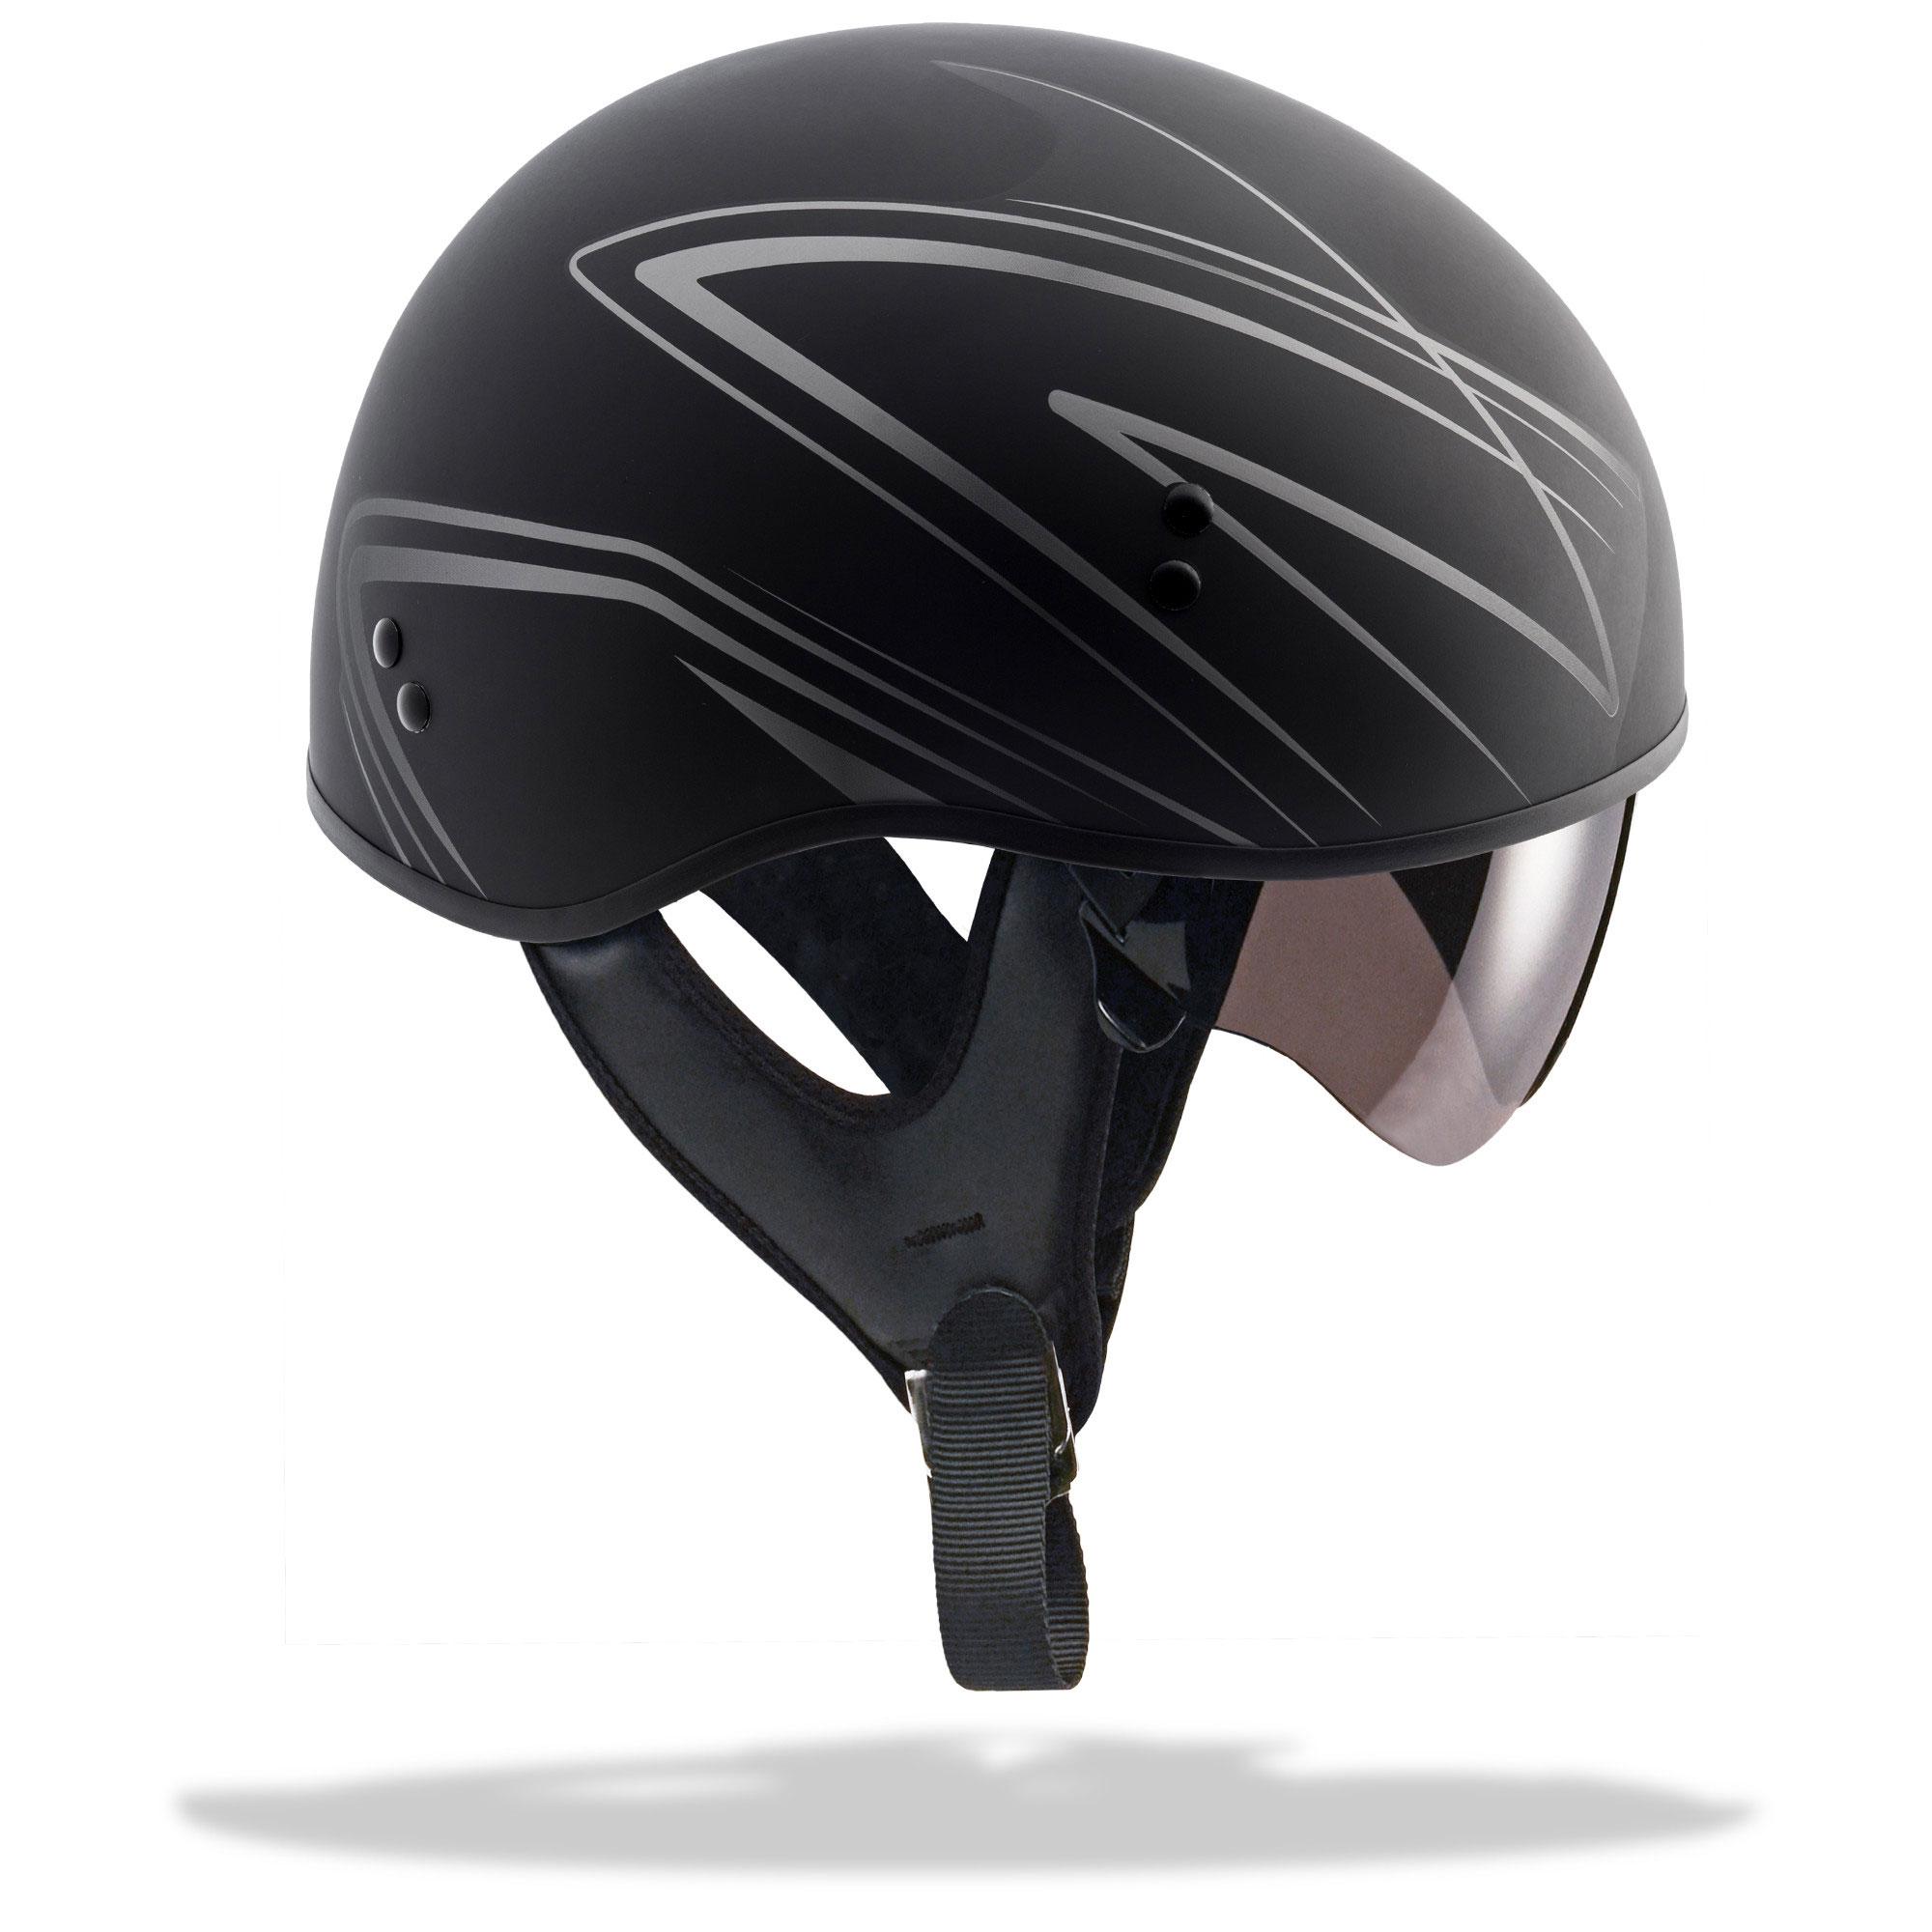 GMAX GM65 TORQUE Naked Motorcycle Half Helmet (Flat Black/Silver)